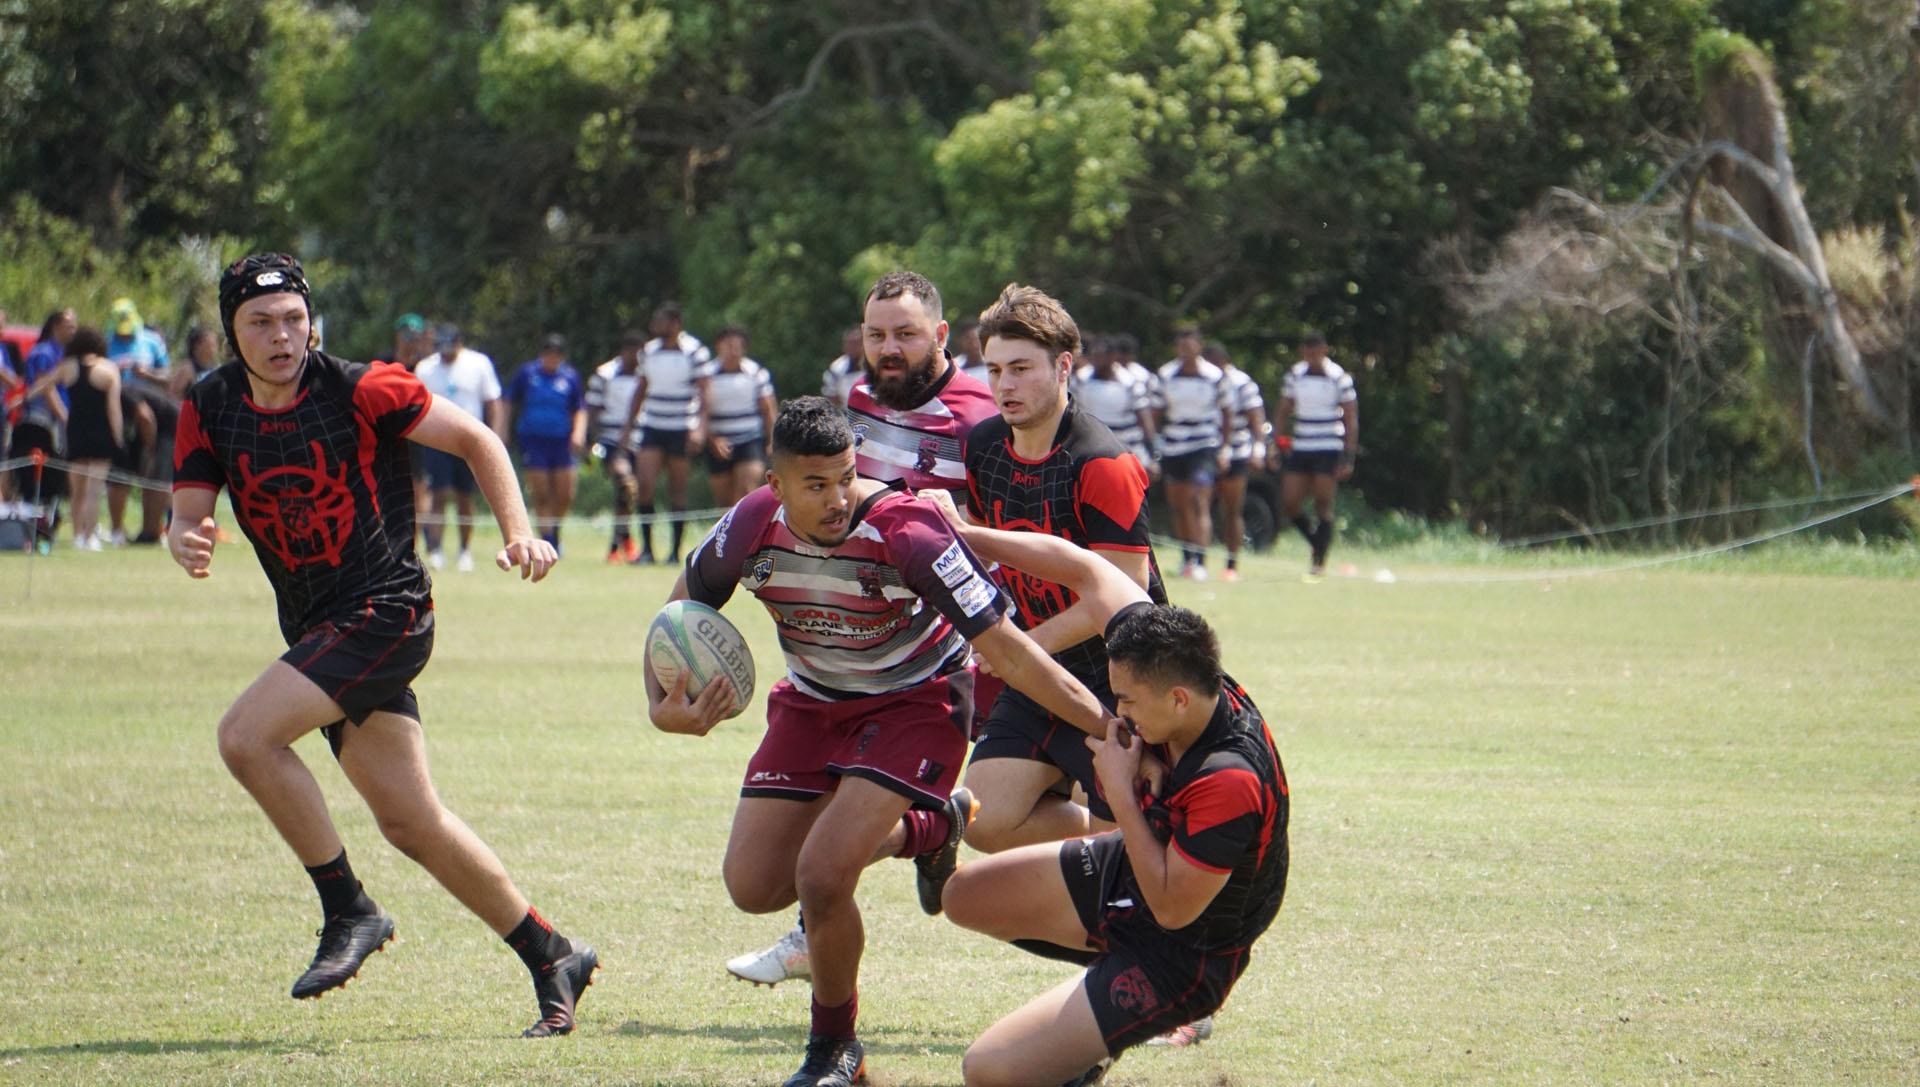 191019-20_Byron Bay Rugby 7s 2019_156